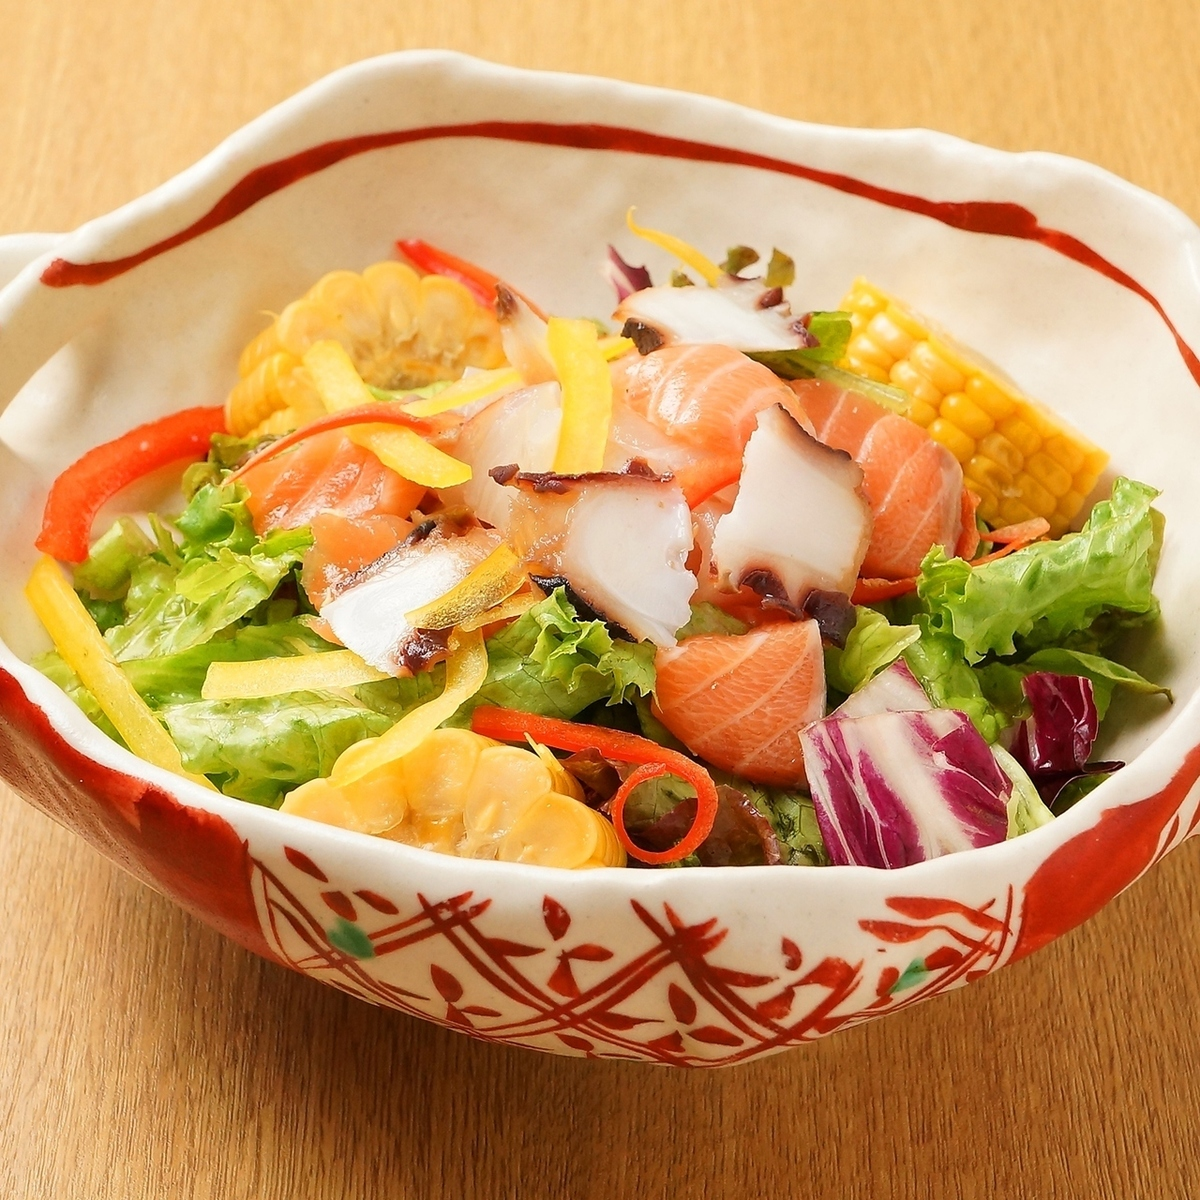 시레토코 해물 샐러드